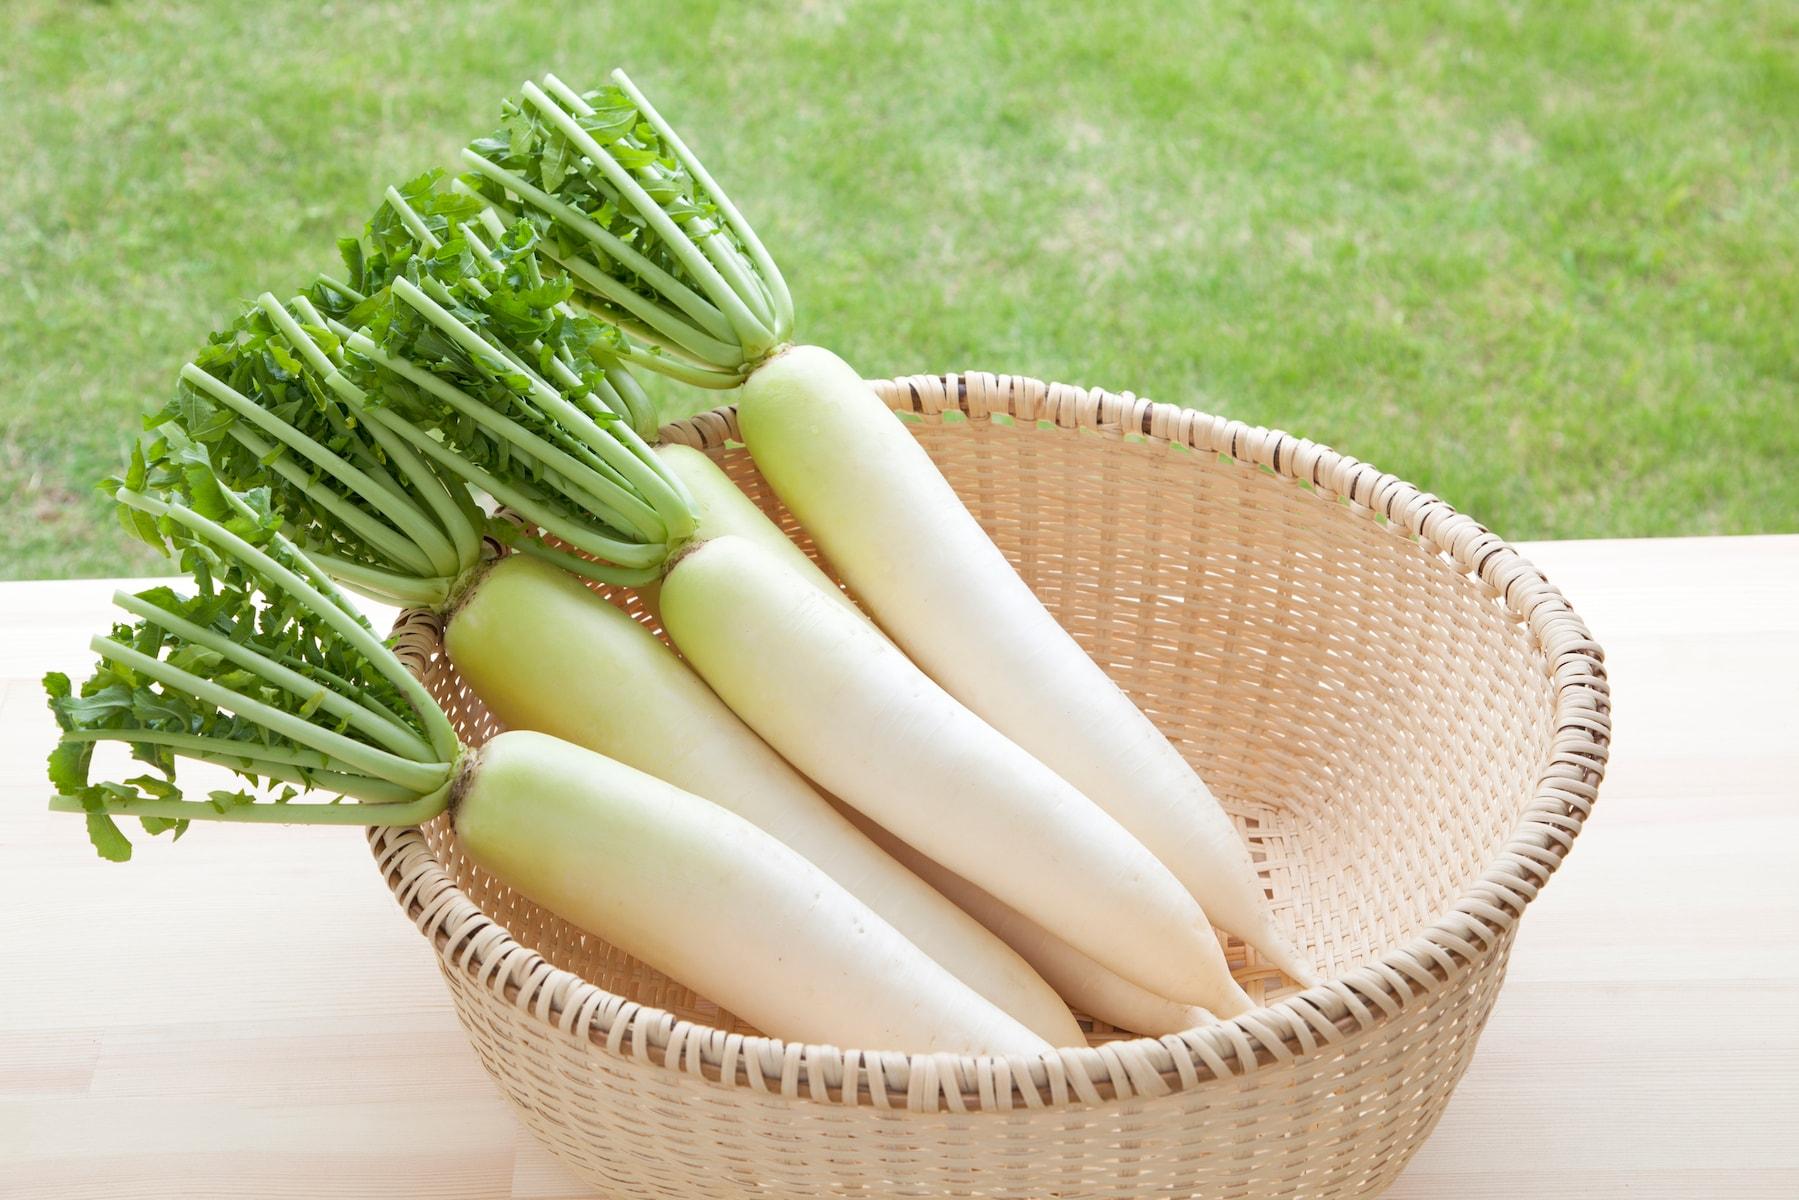 【毎日の野菜・フルーツレシピ】大根の下ごしらえ・切り方